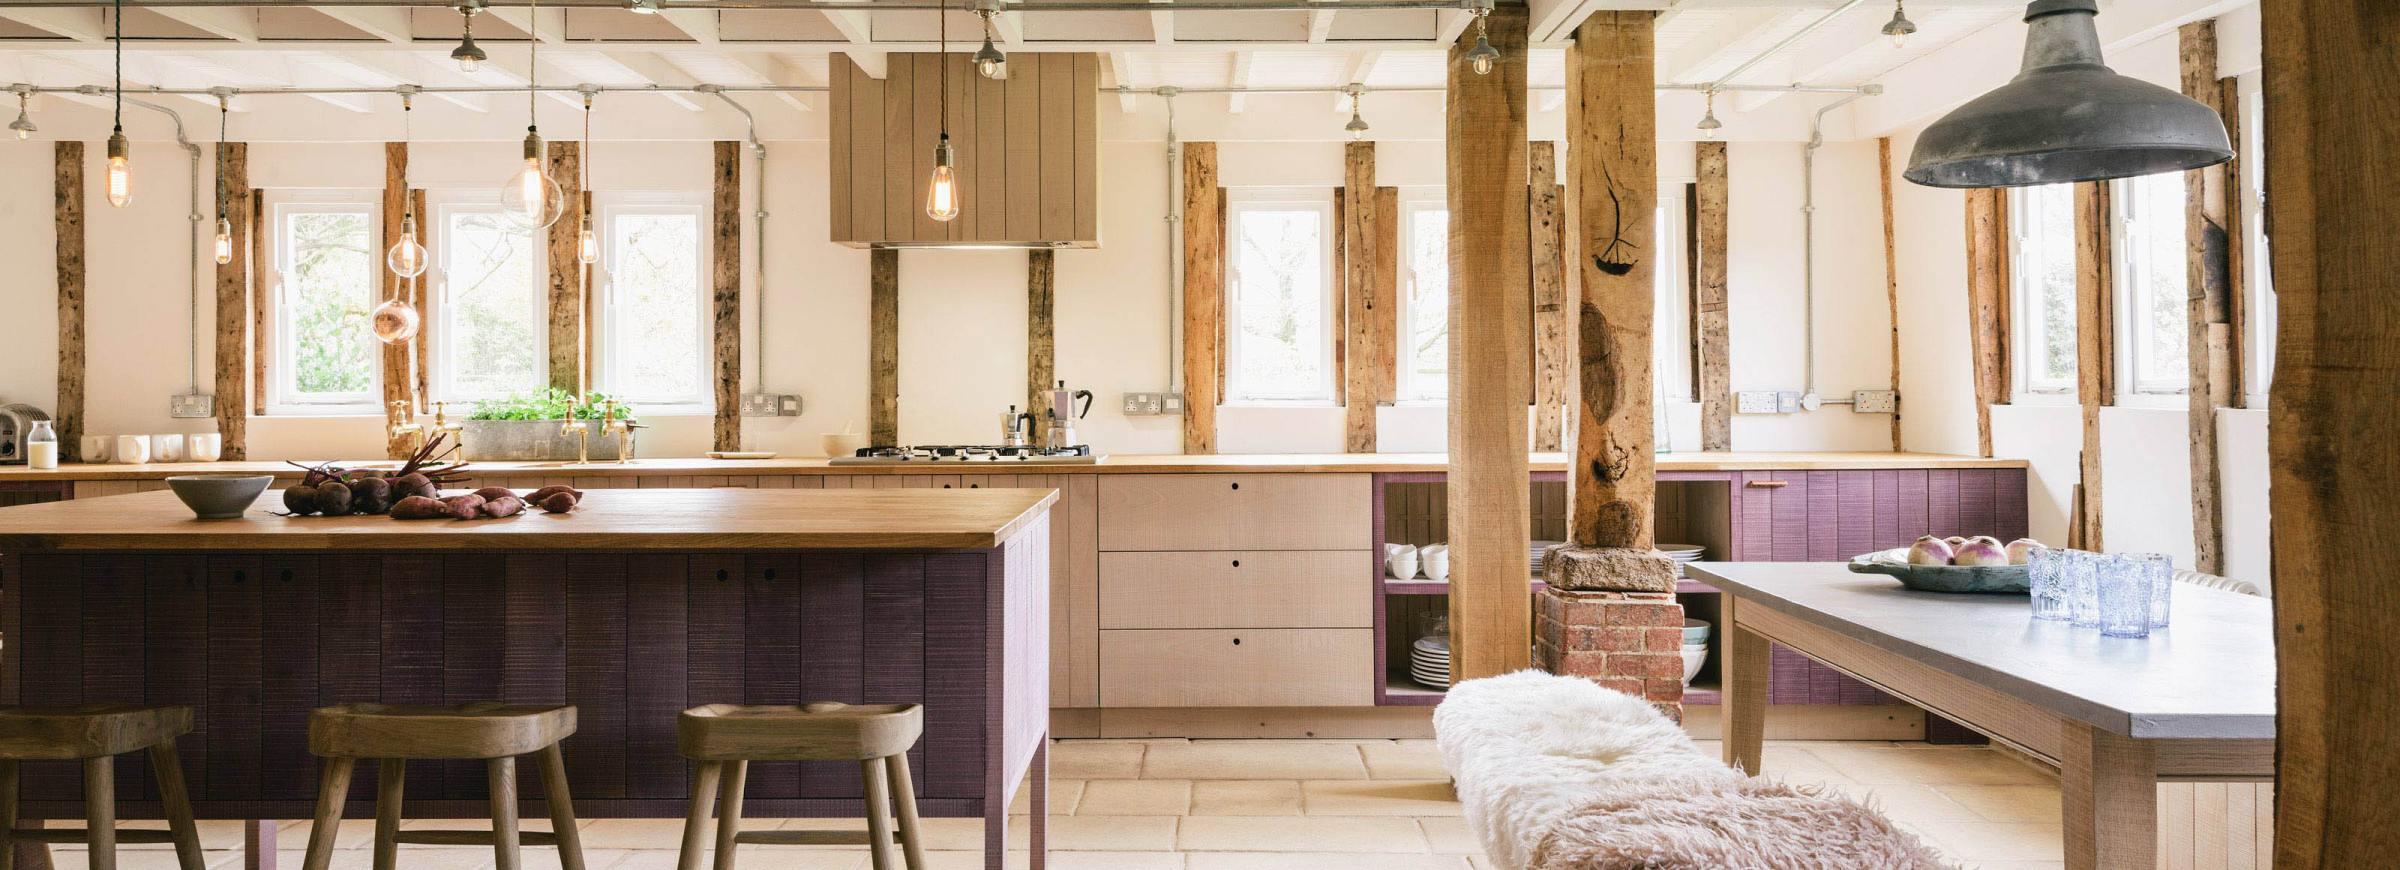 Devol kitchens shaker kitchens classic bespoke kitchens for Bespoke kitchens